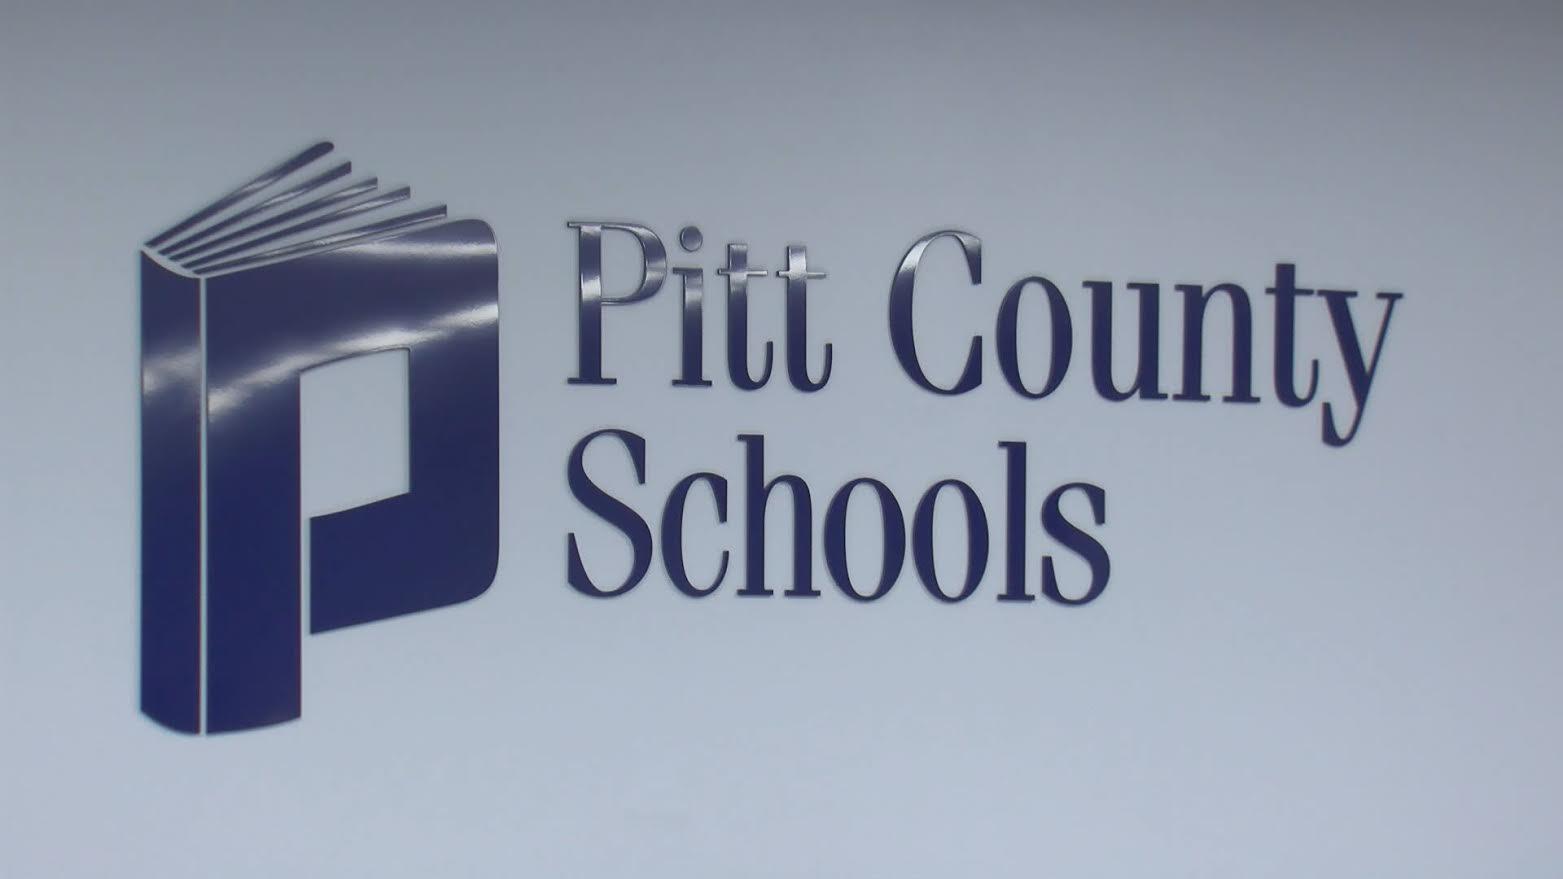 pitt schools_257637